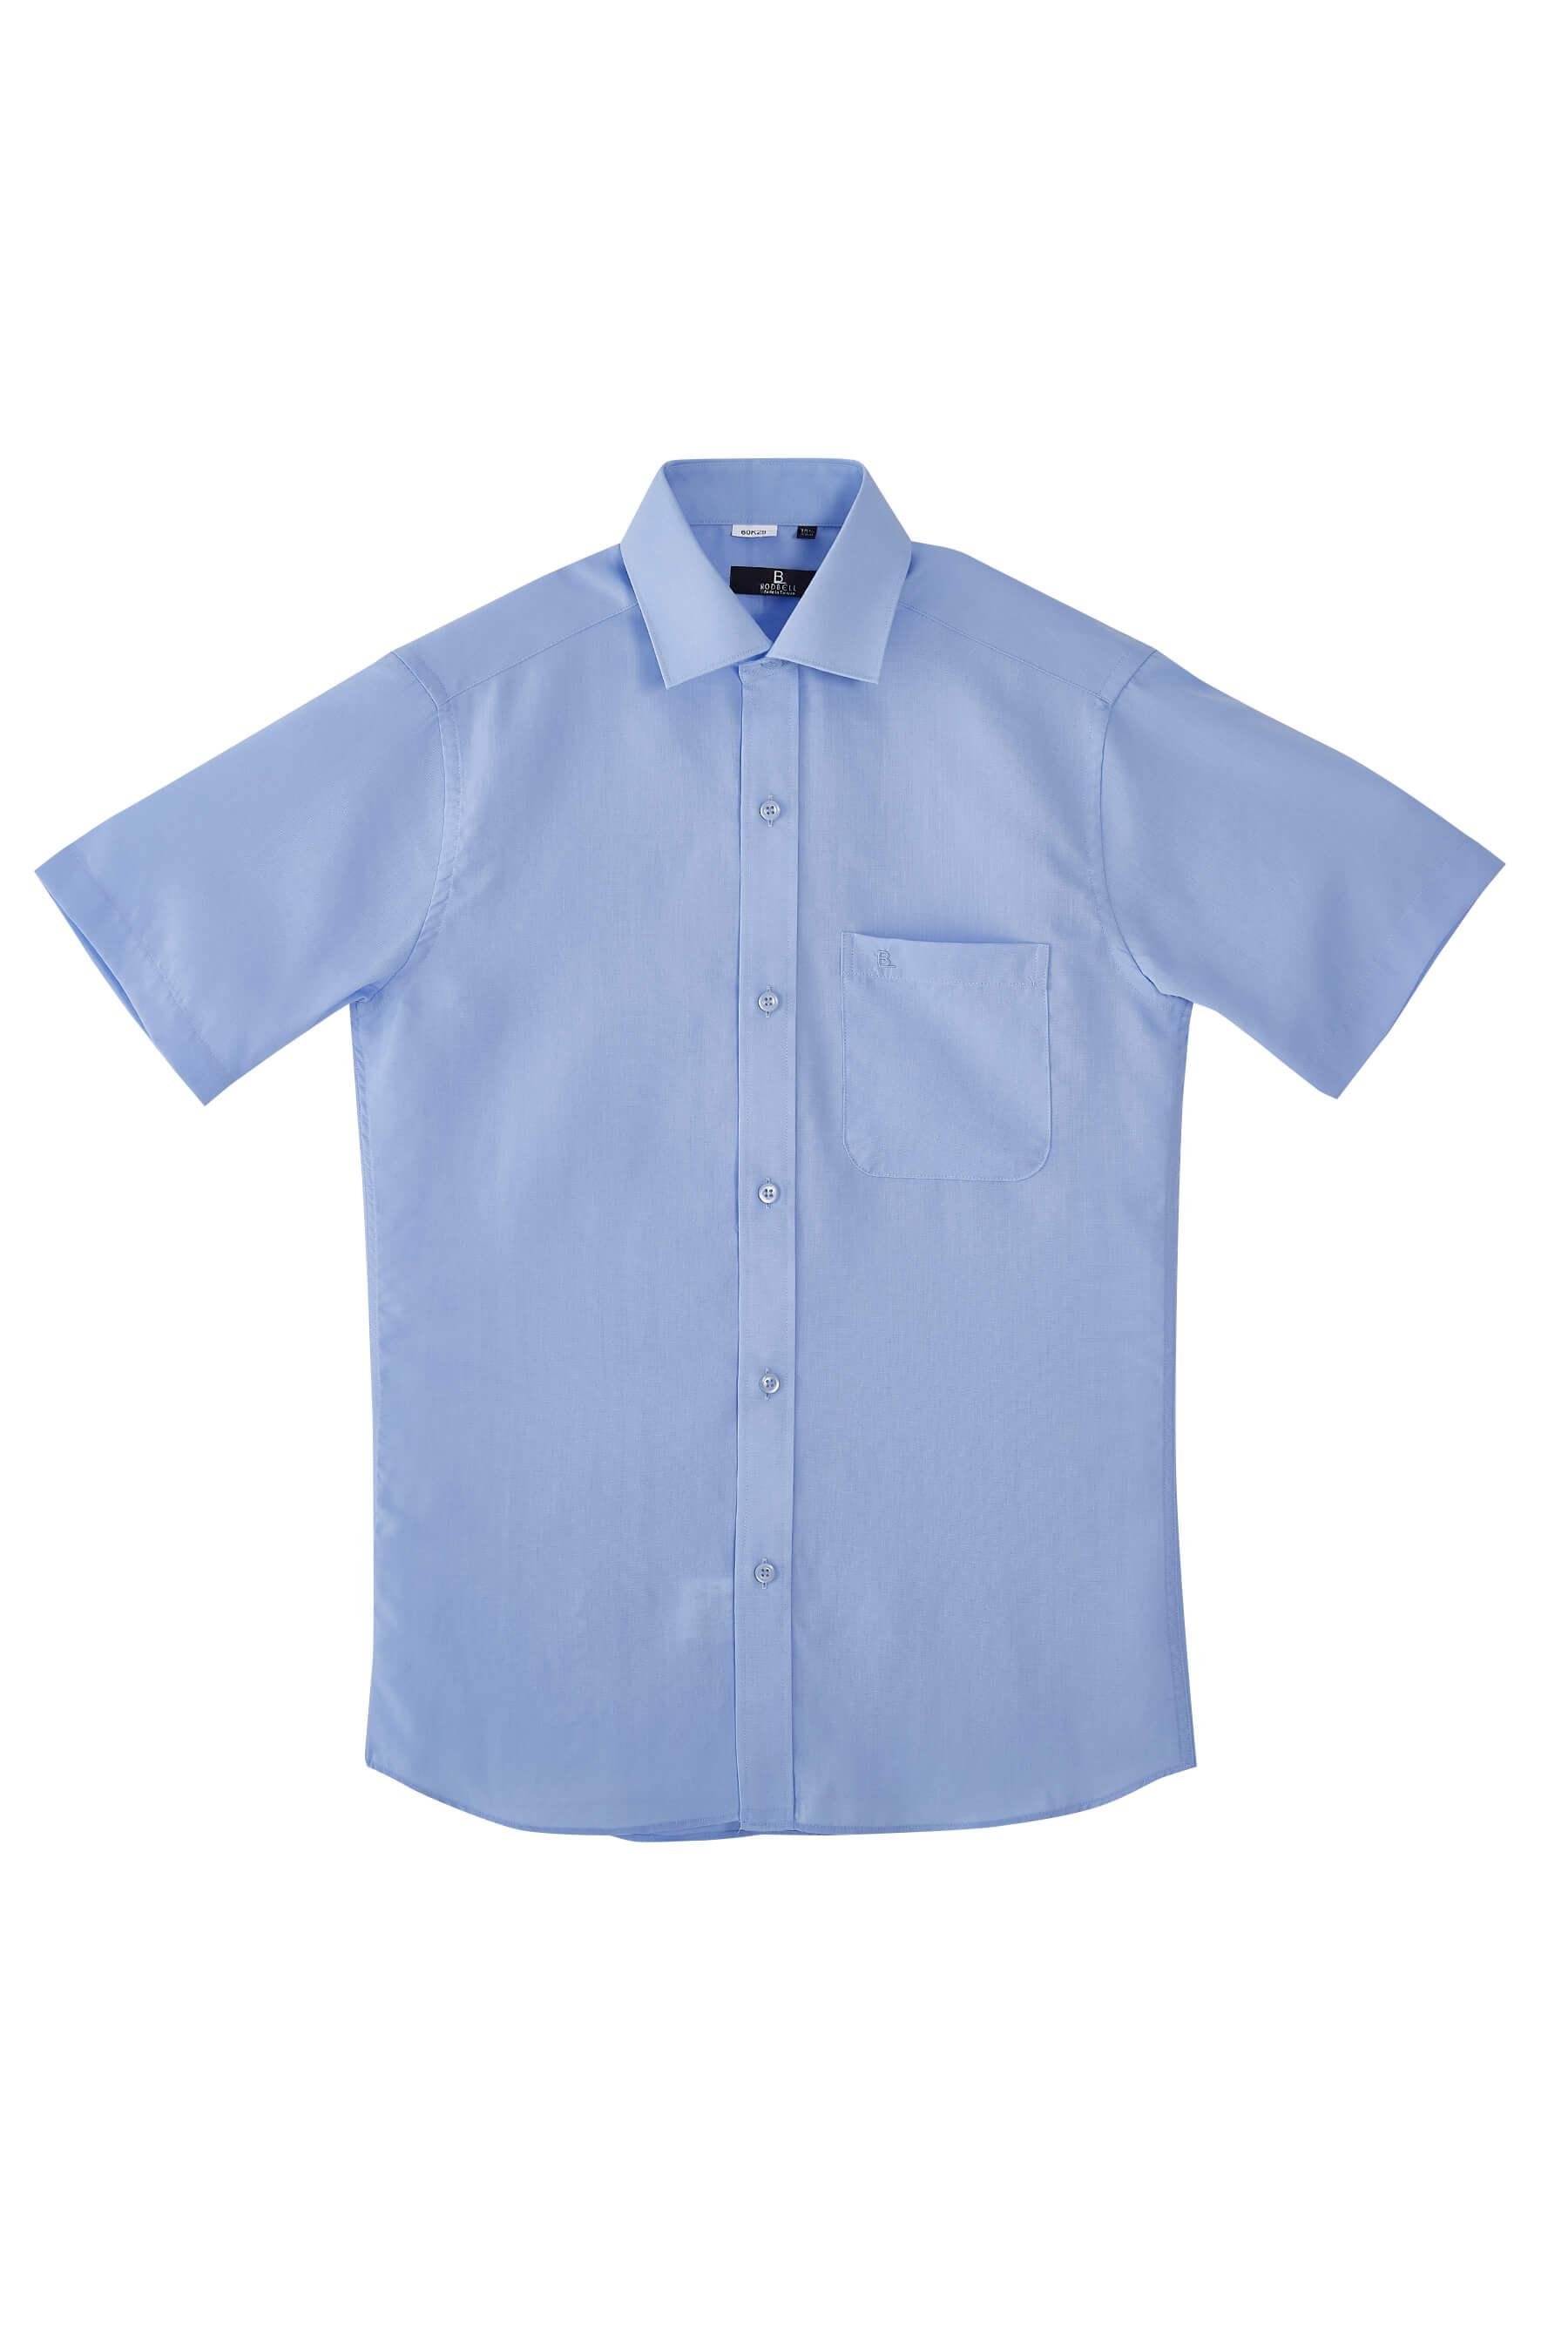 水藍色素面短袖襯衫/抗皺  舒適透氣